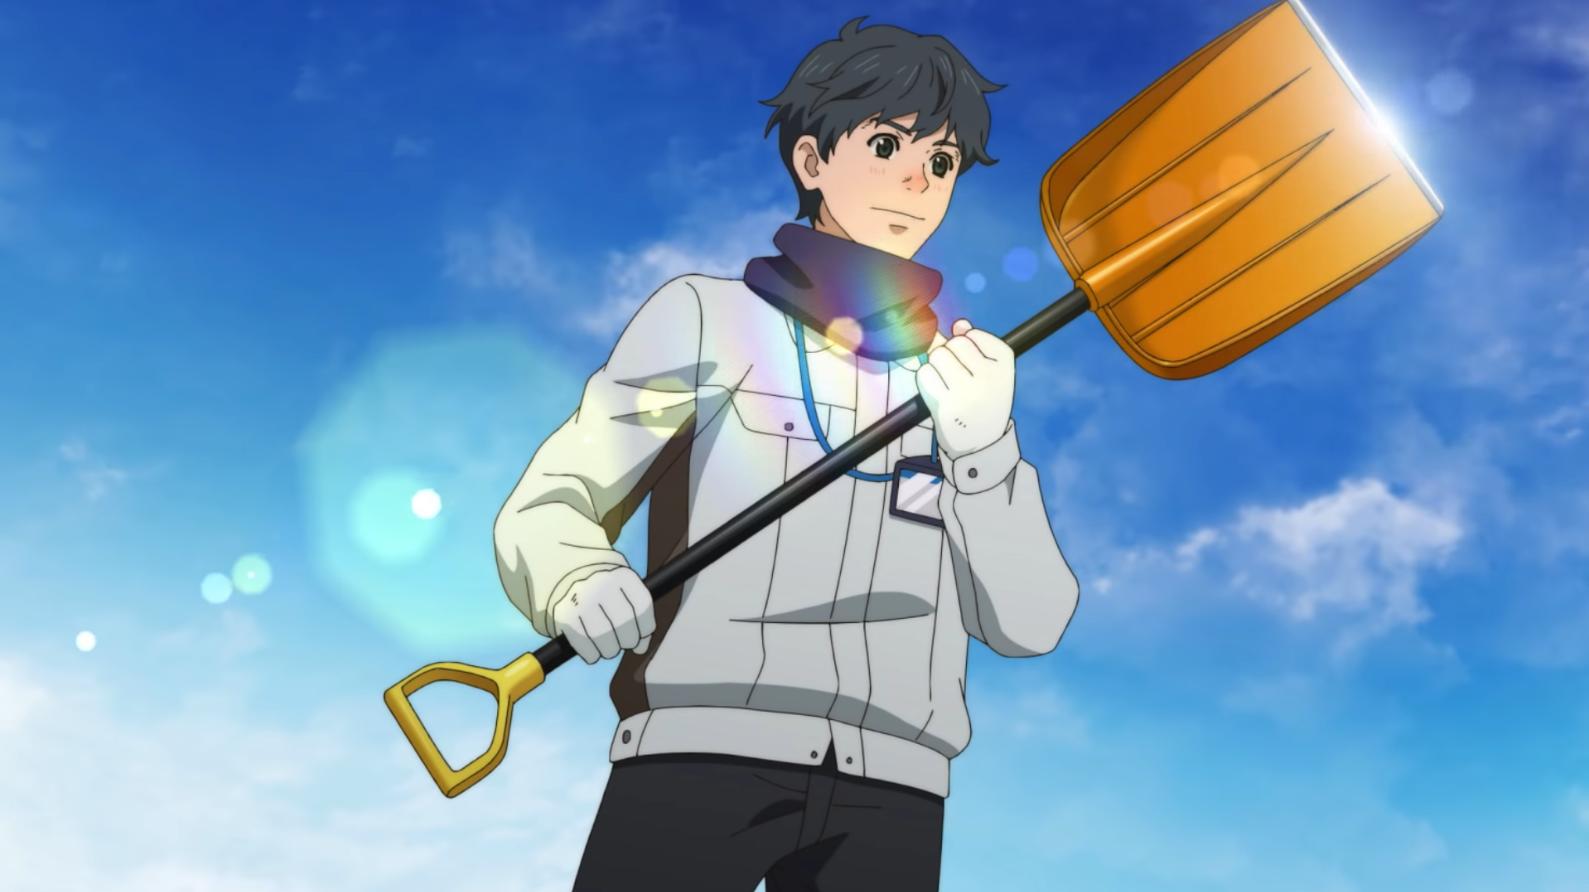 Kmetijska zadruga Hokuren izda PR anime